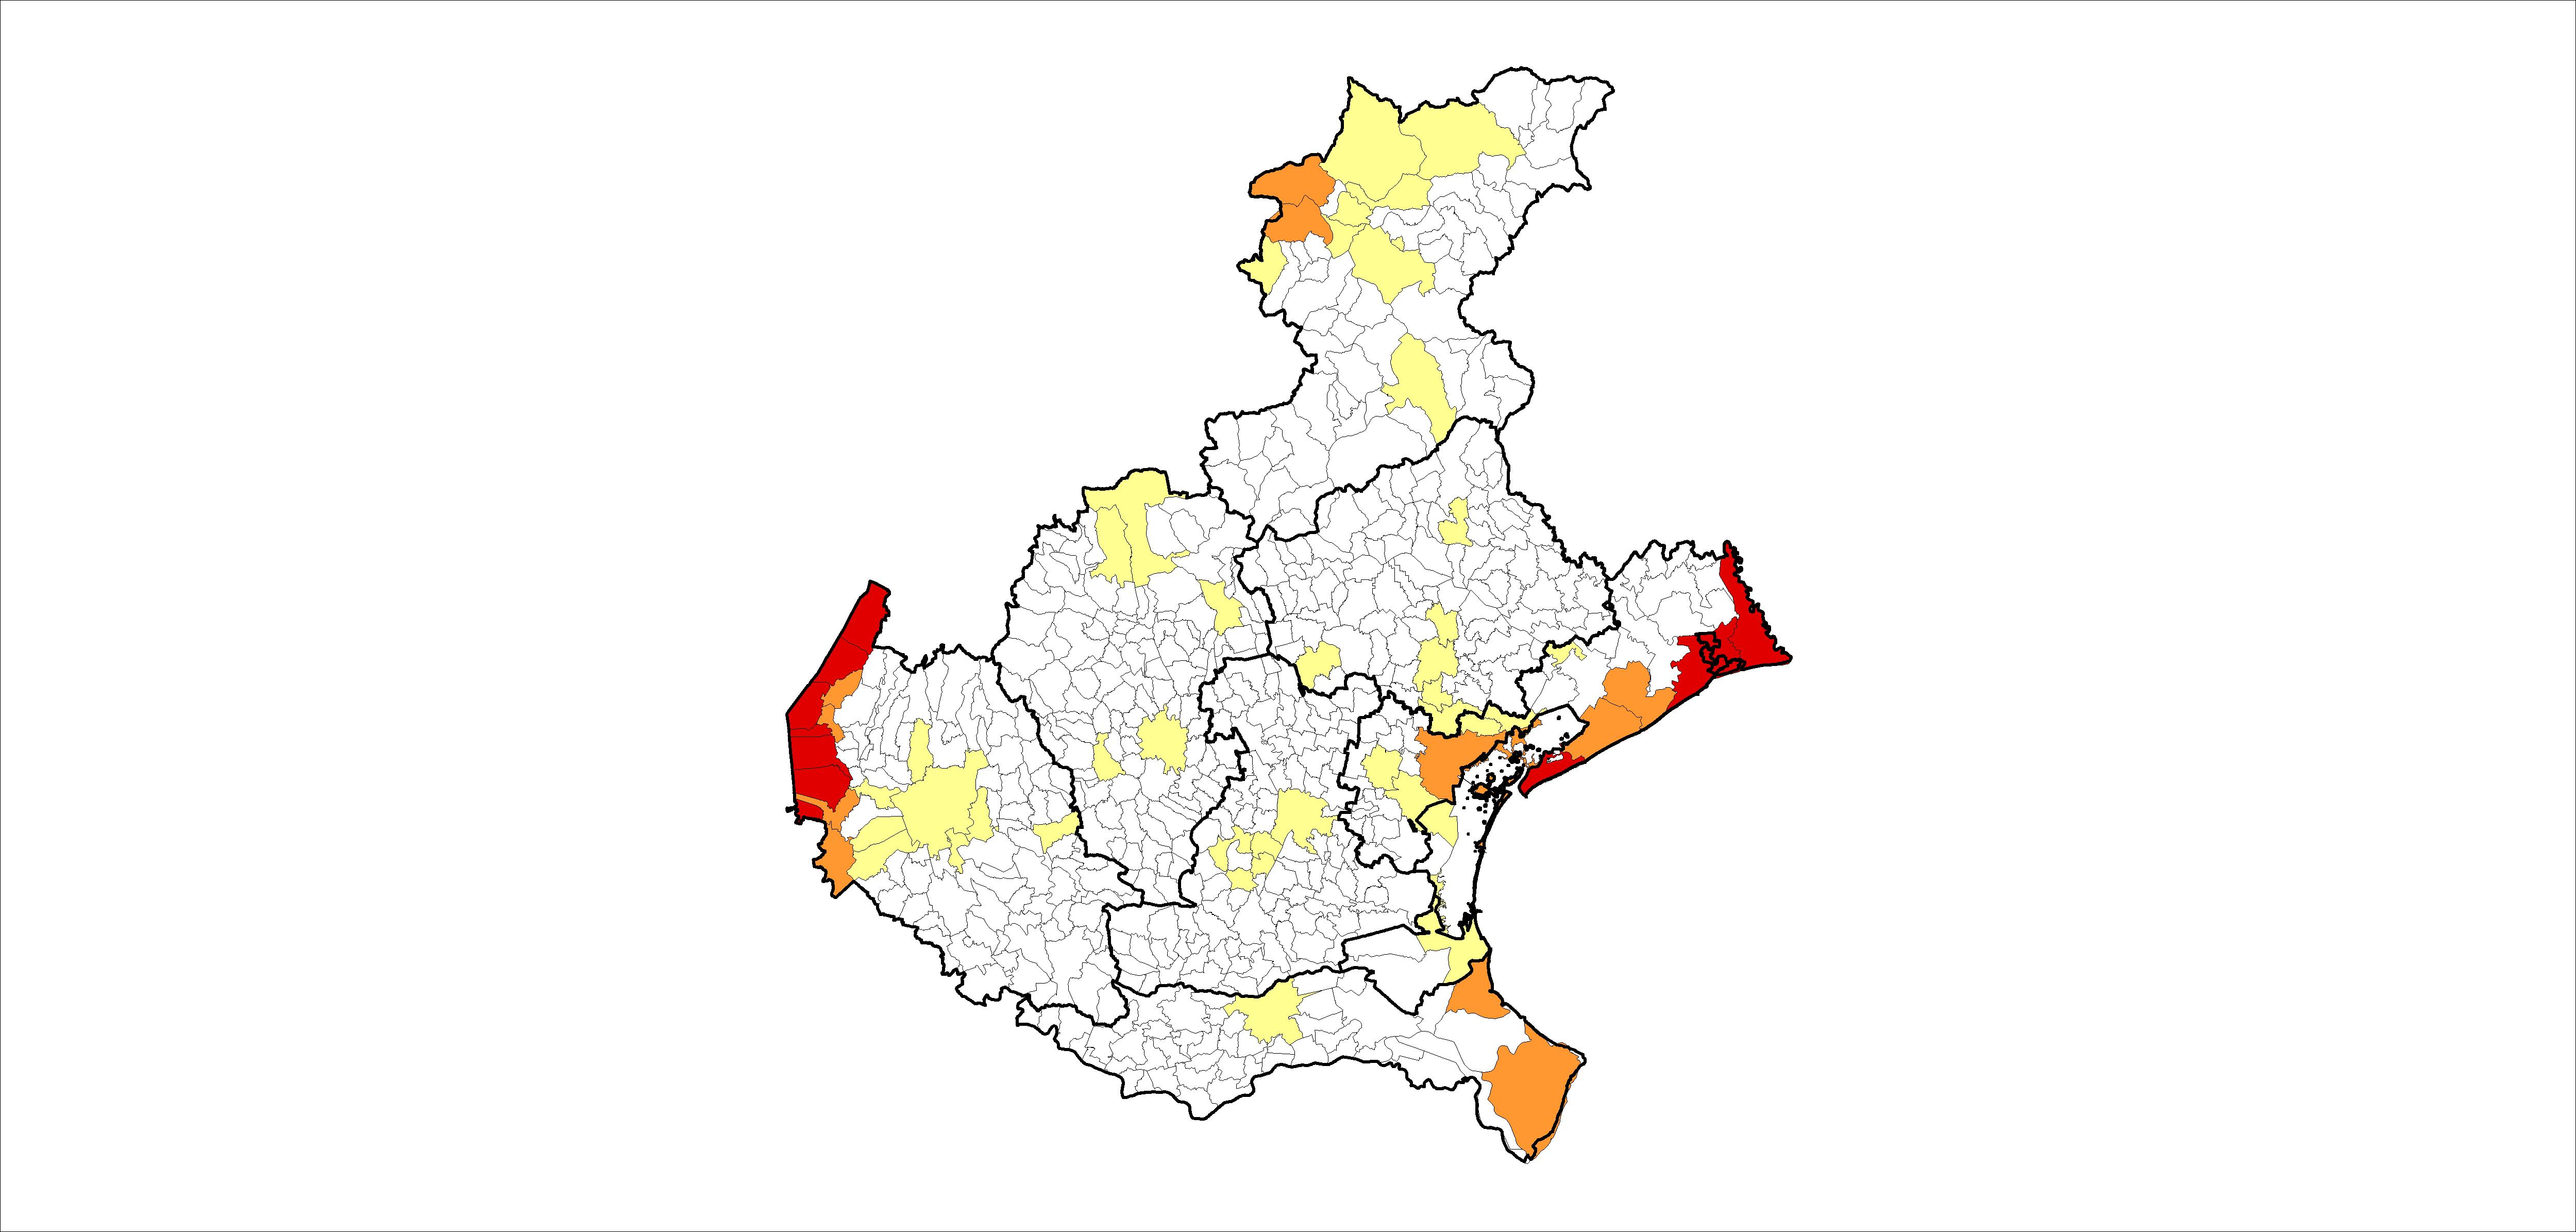 Veneto Regione Cartina.Turismo La Mappa Della Crisi In Veneto Fondazione Think Tank Nord Est